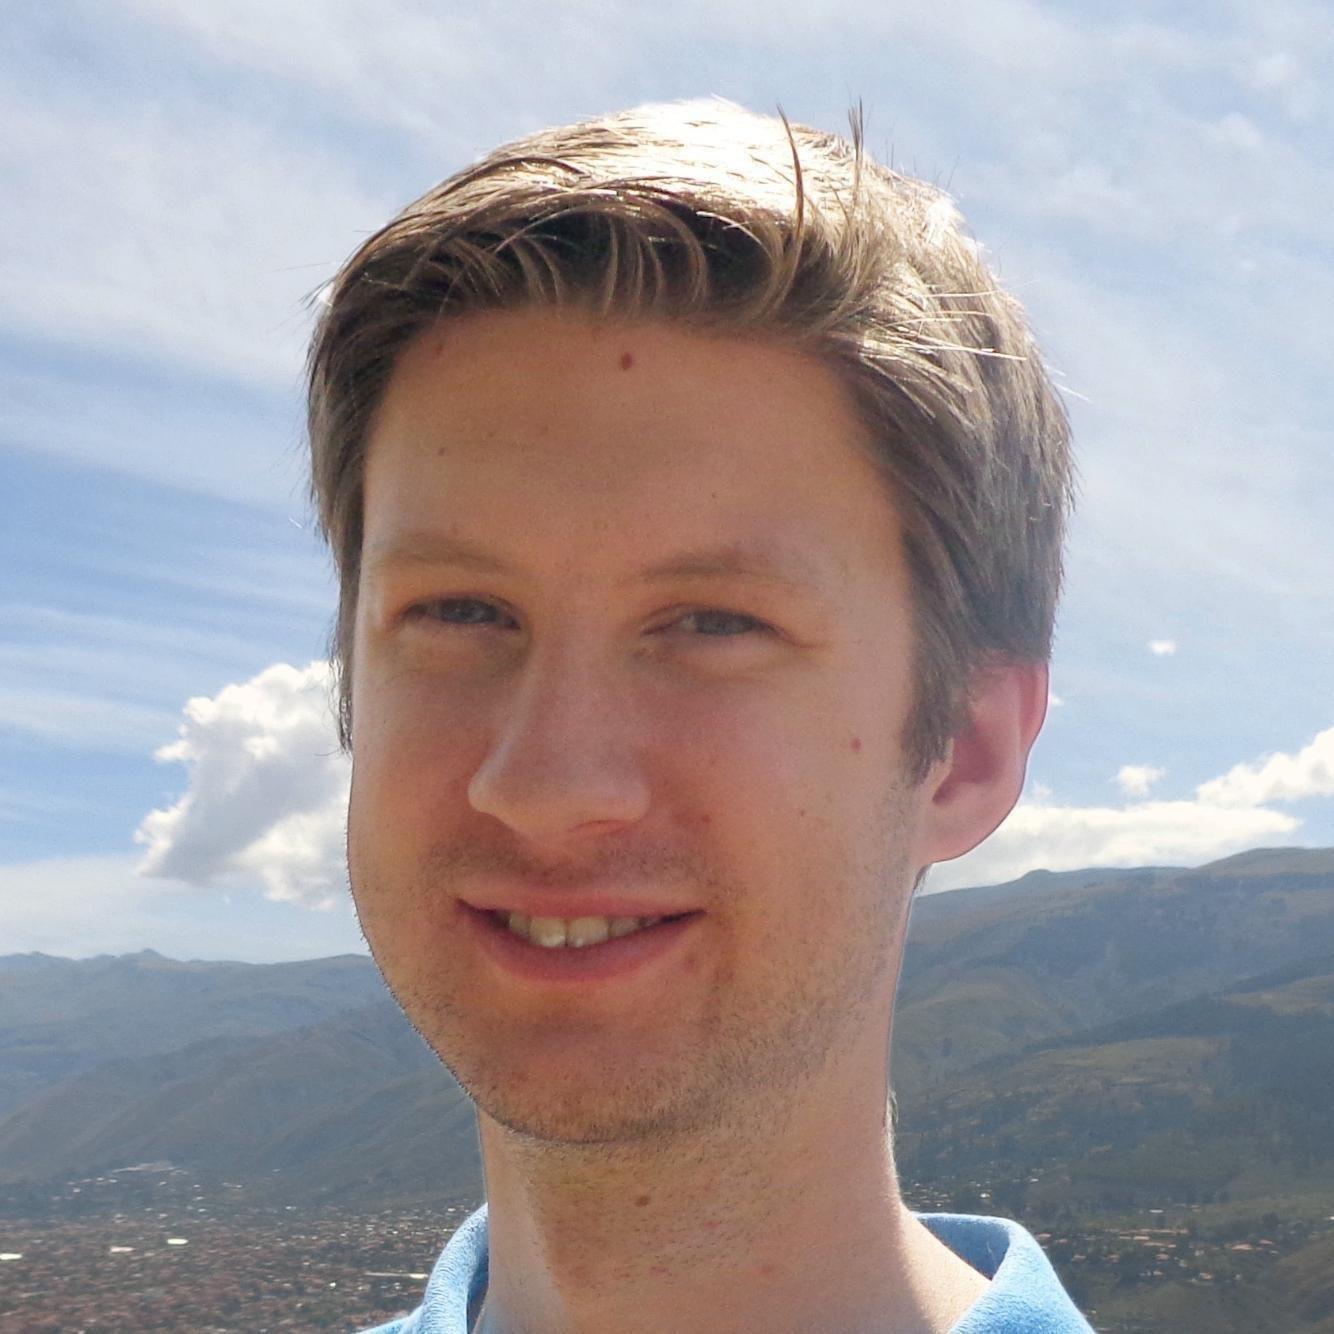 Jim Westergren